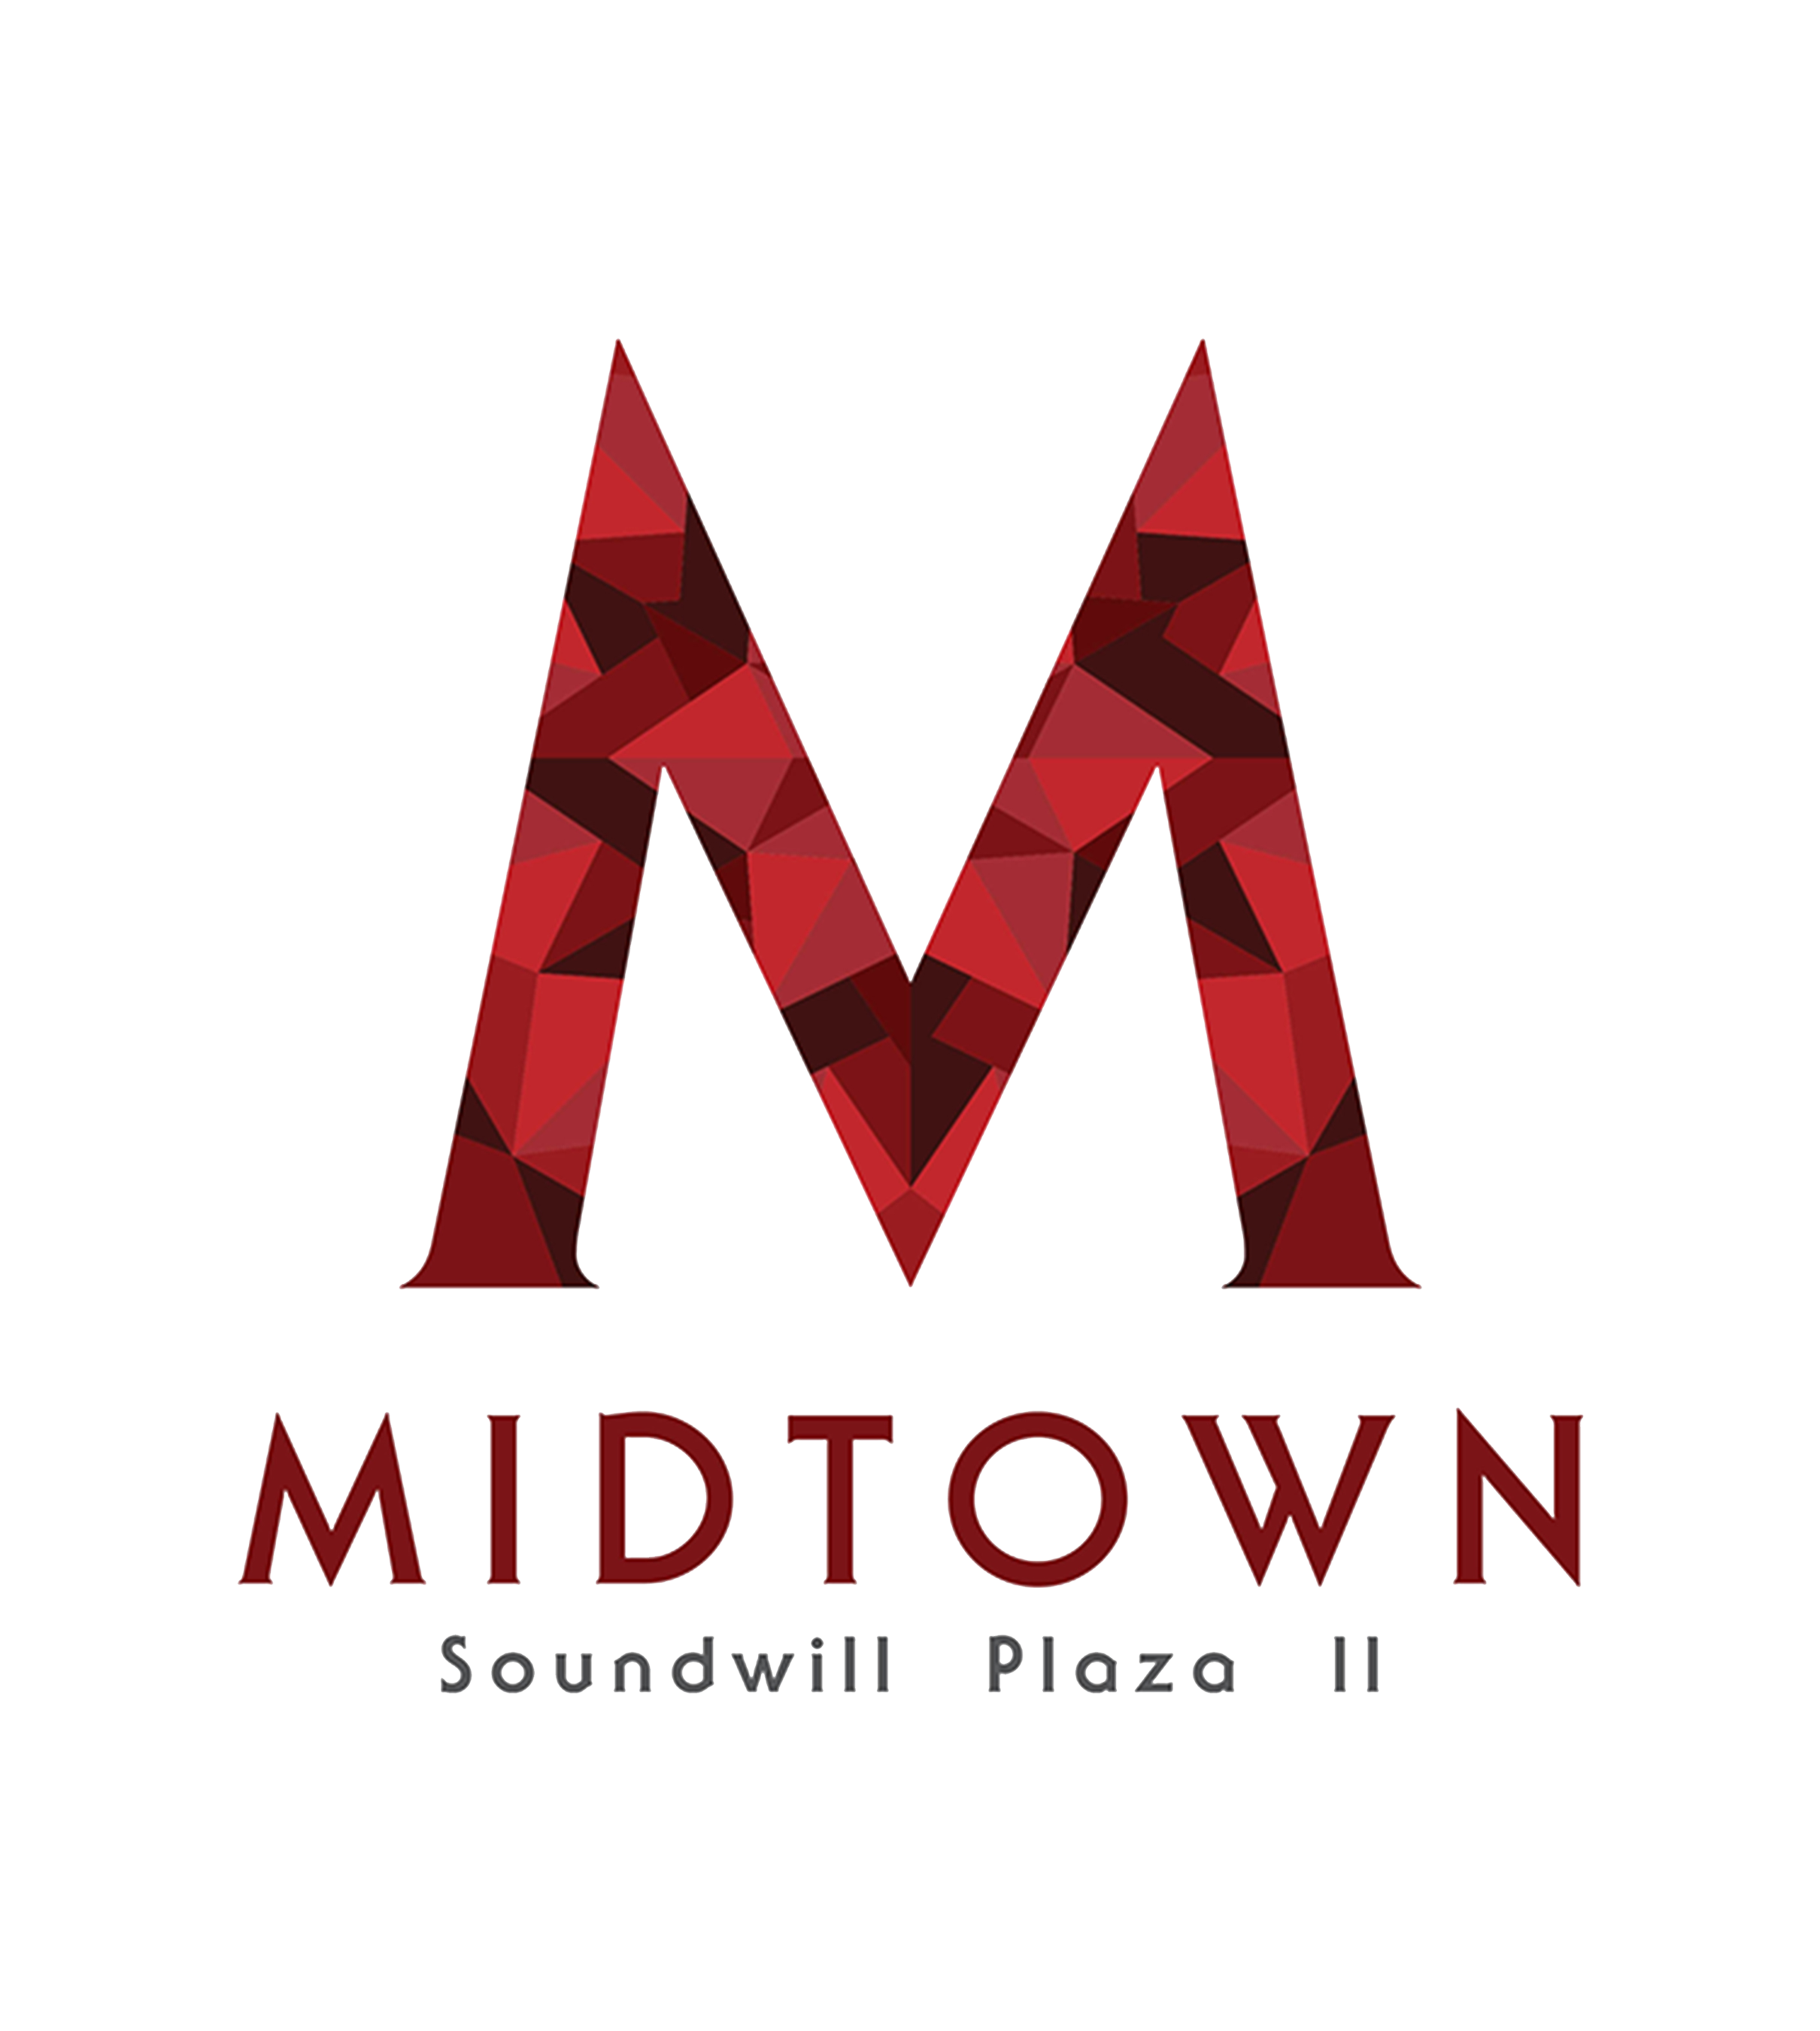 midtown logo-red